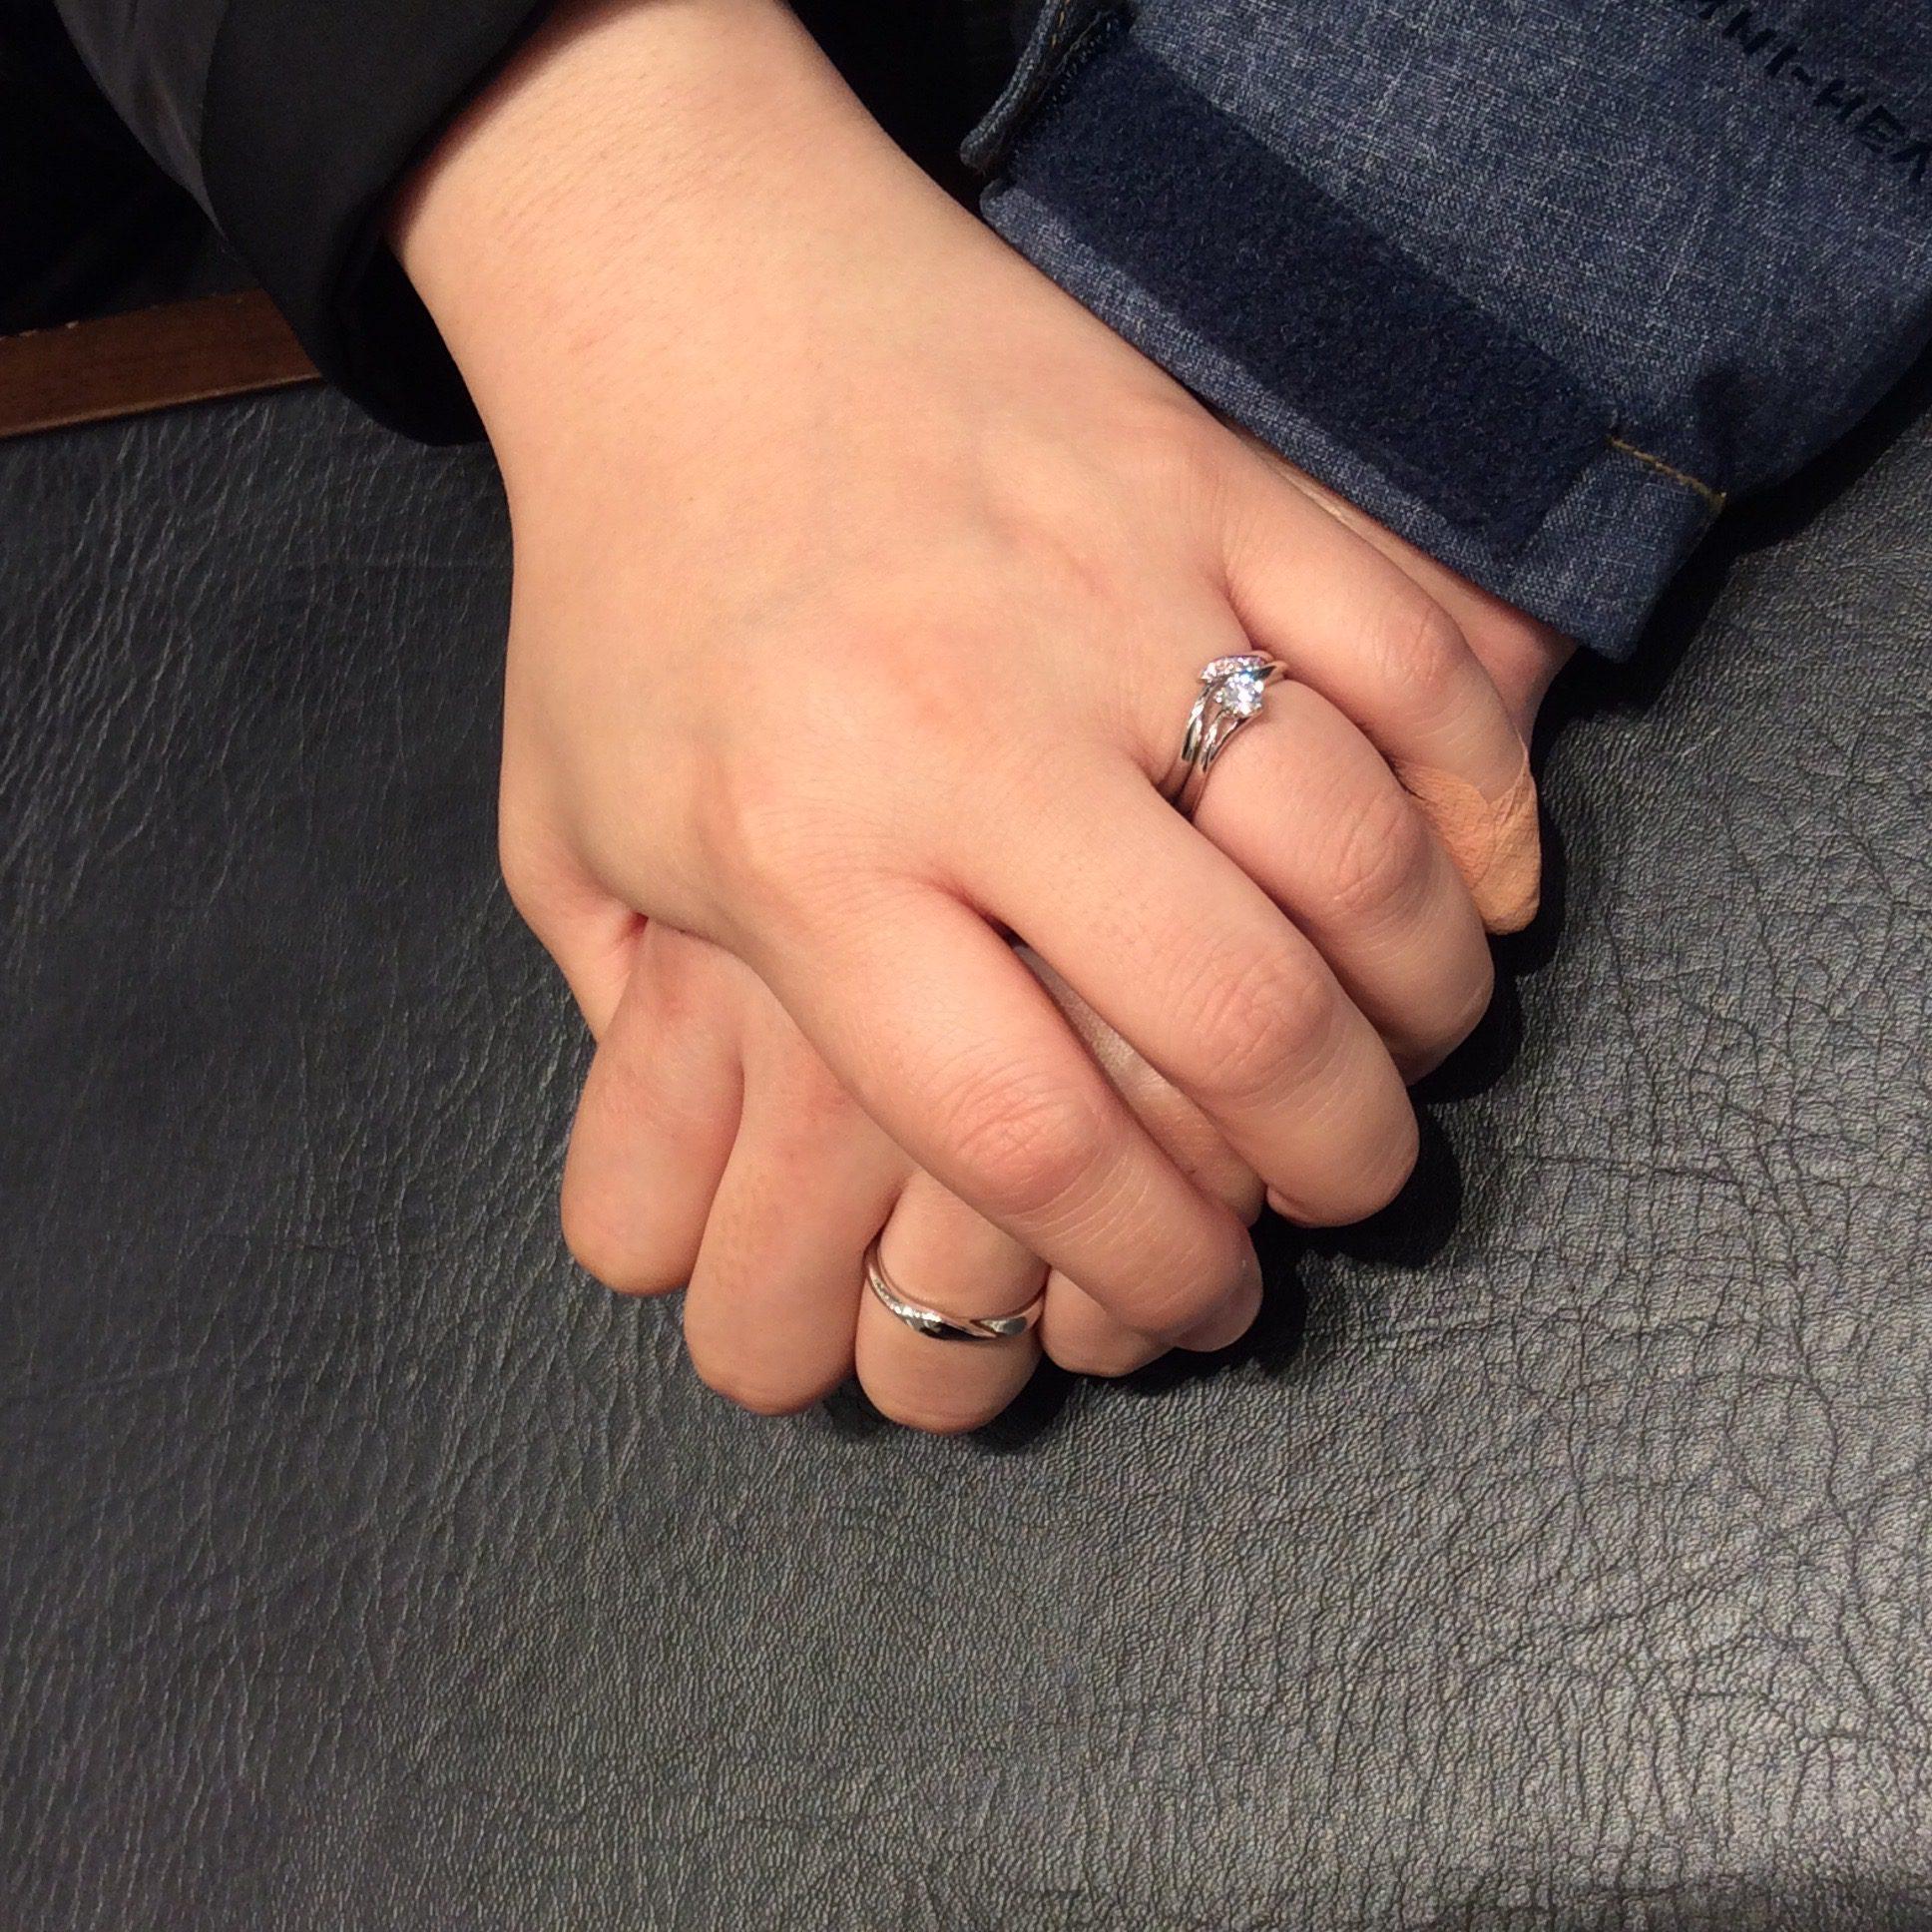 【婚約指輪 結婚指輪】俄(にわか) 初桜(ういざくら)ご成約いただきました/伊藤峻様・石井比瑠様